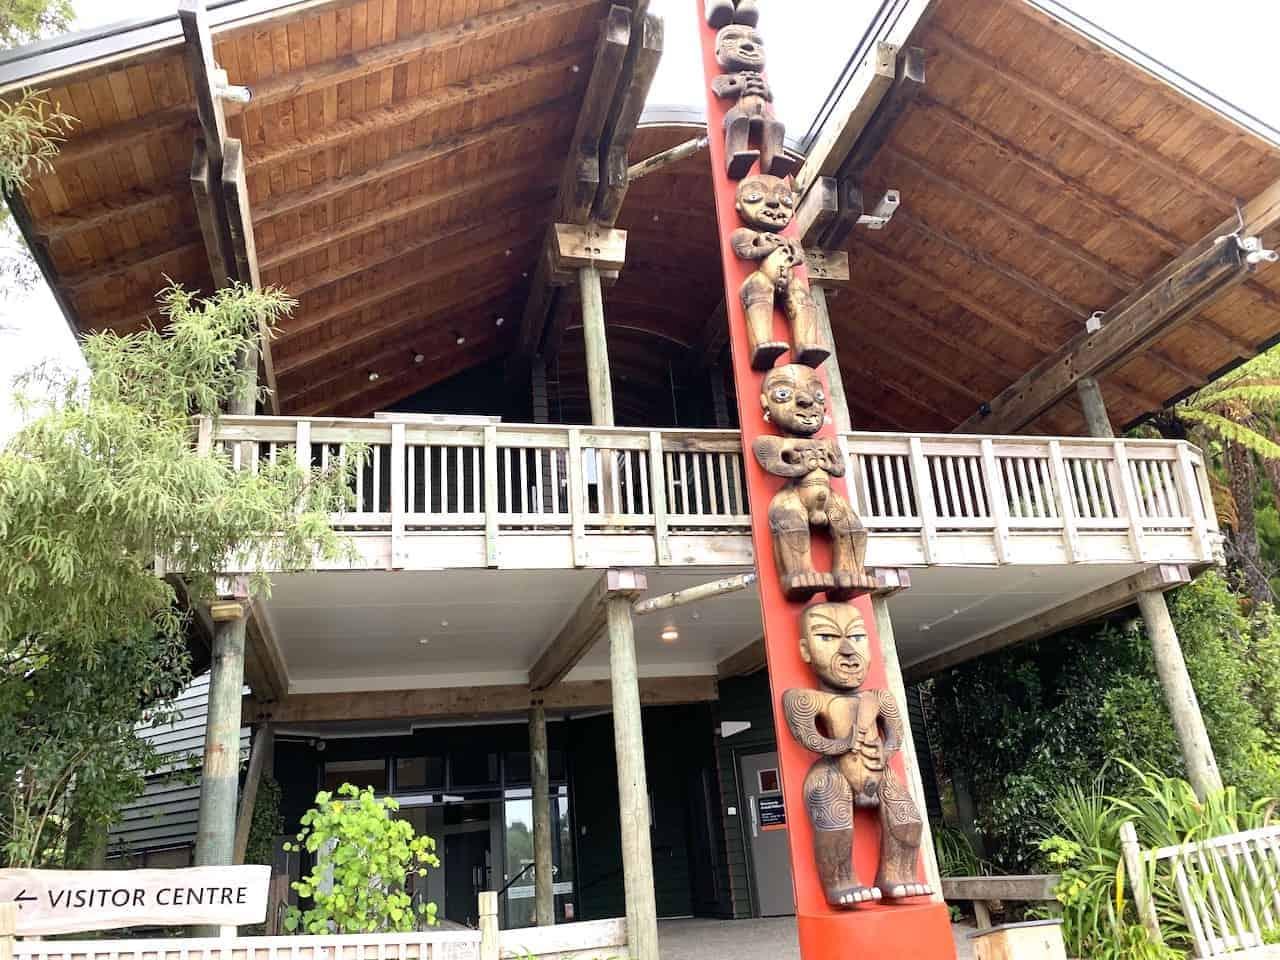 Arataki Visitor Centre